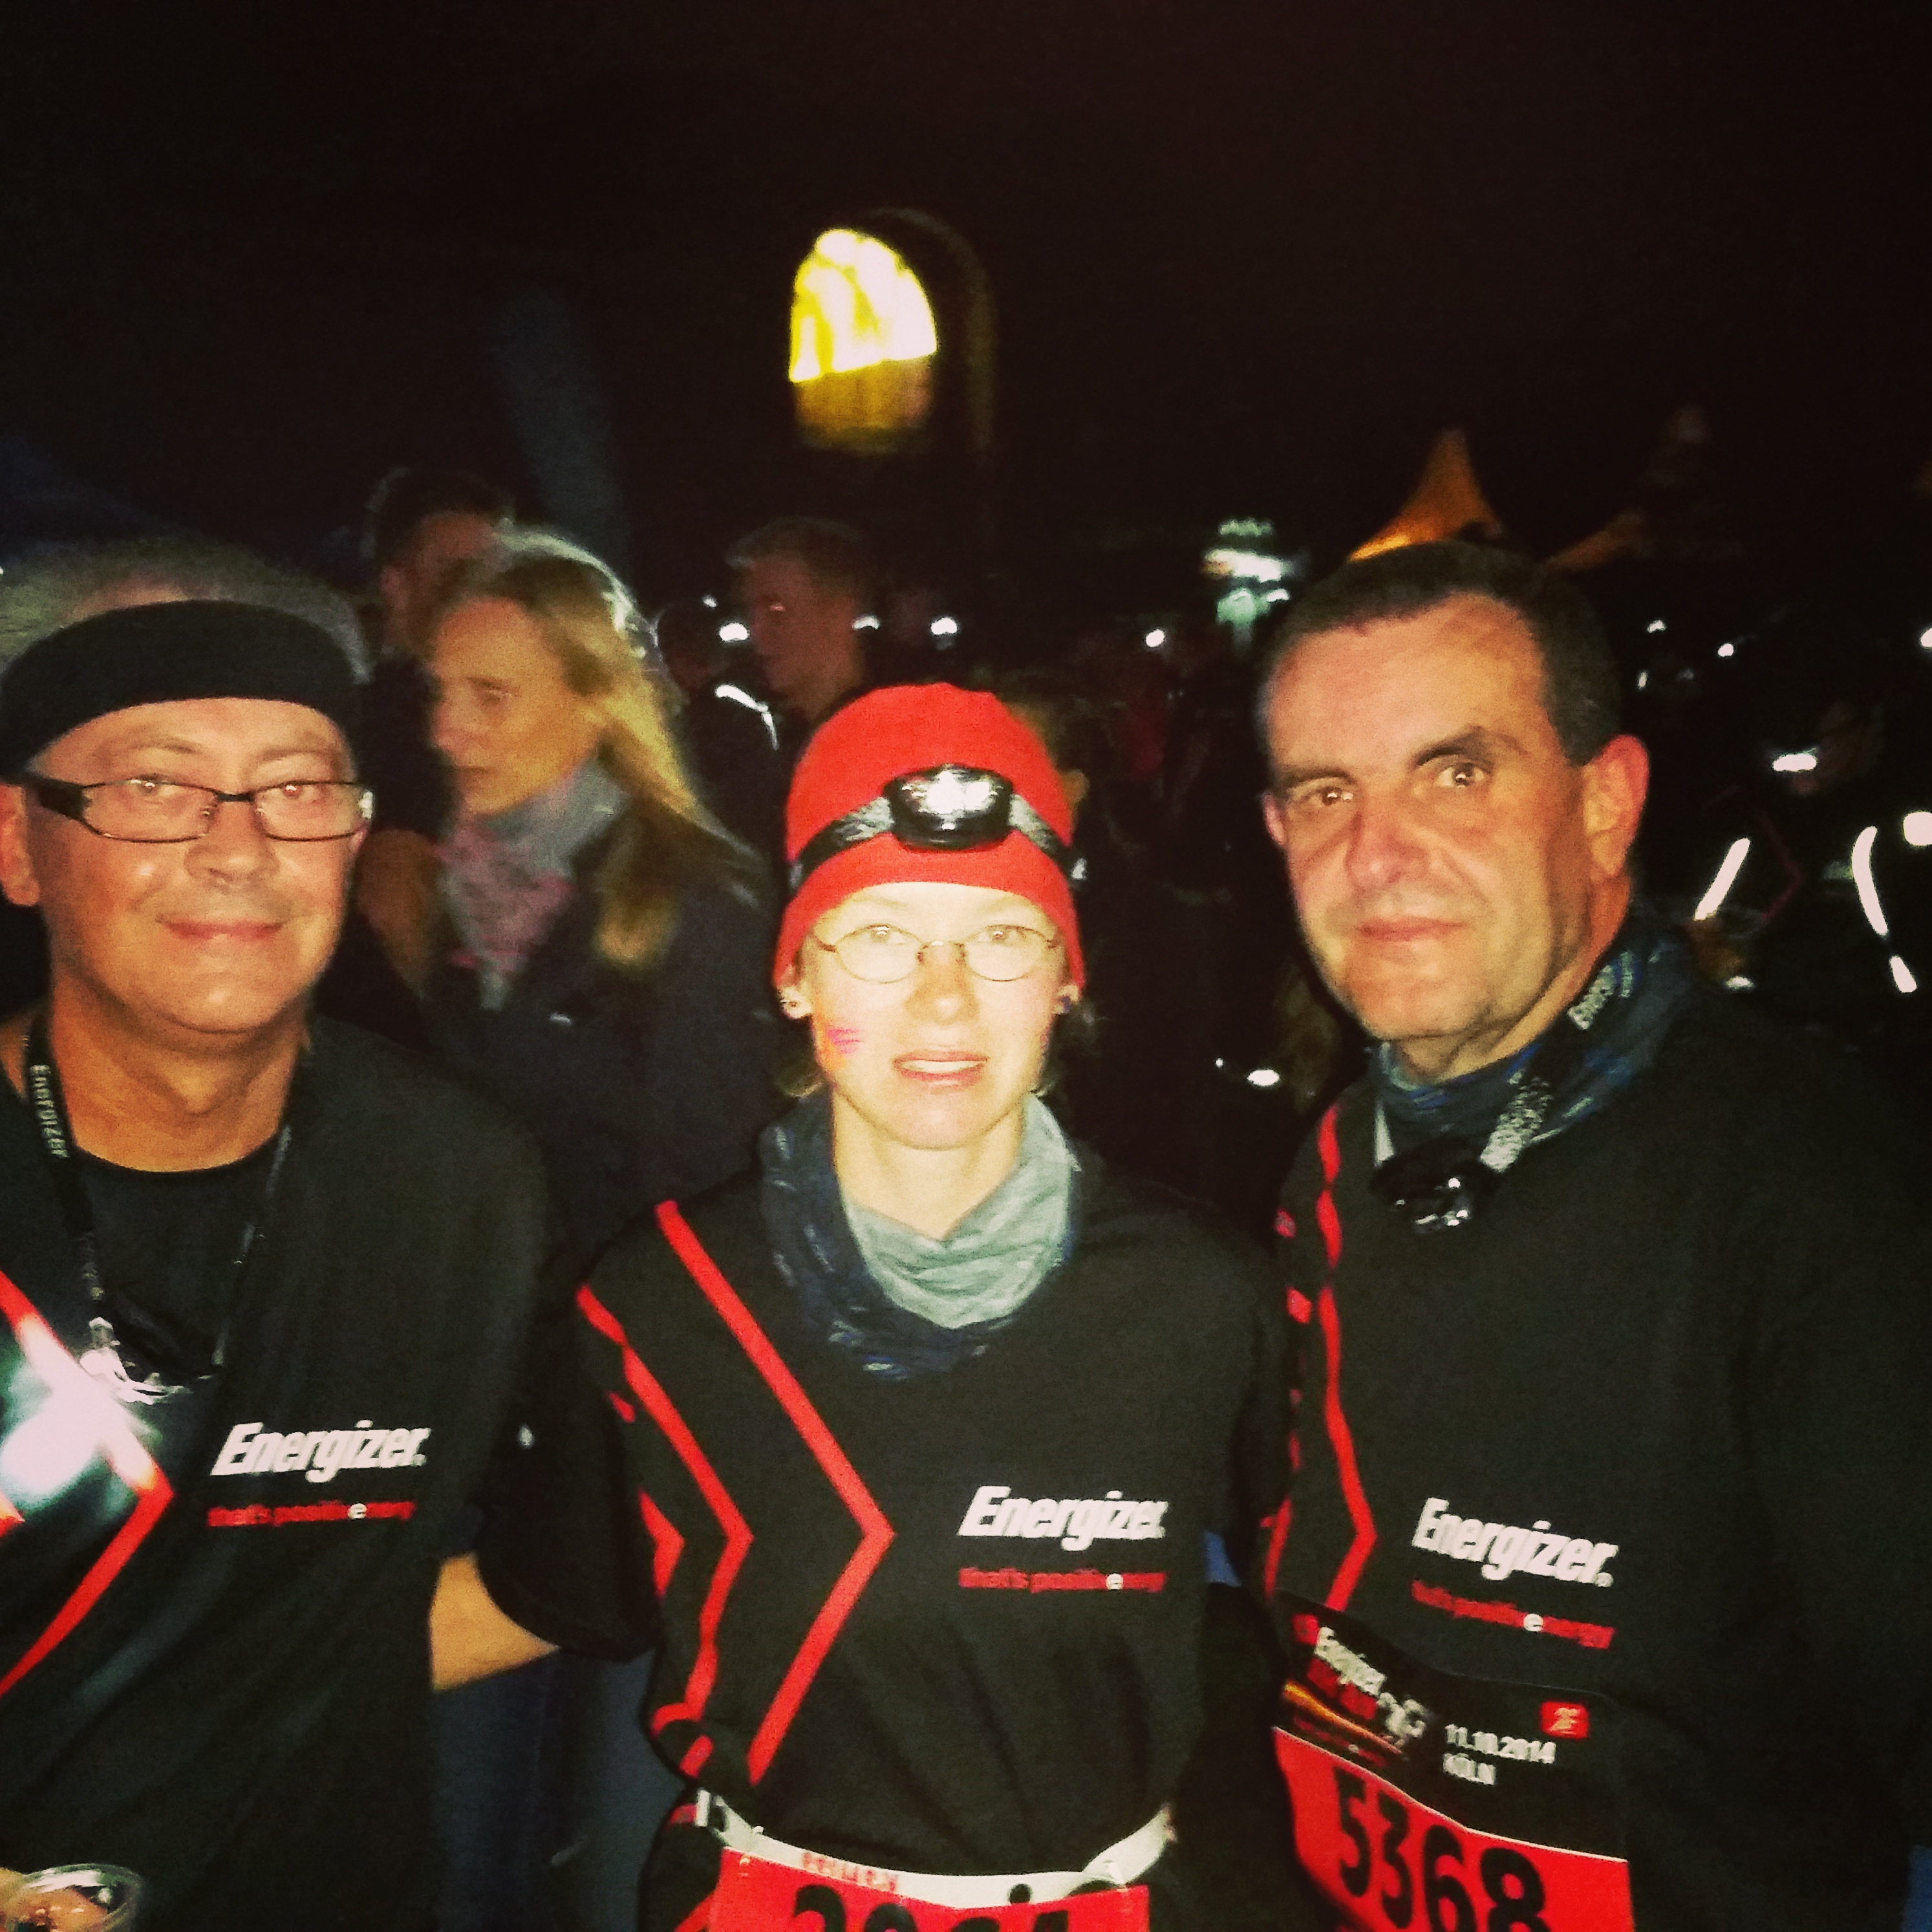 energizer night run koln 2014